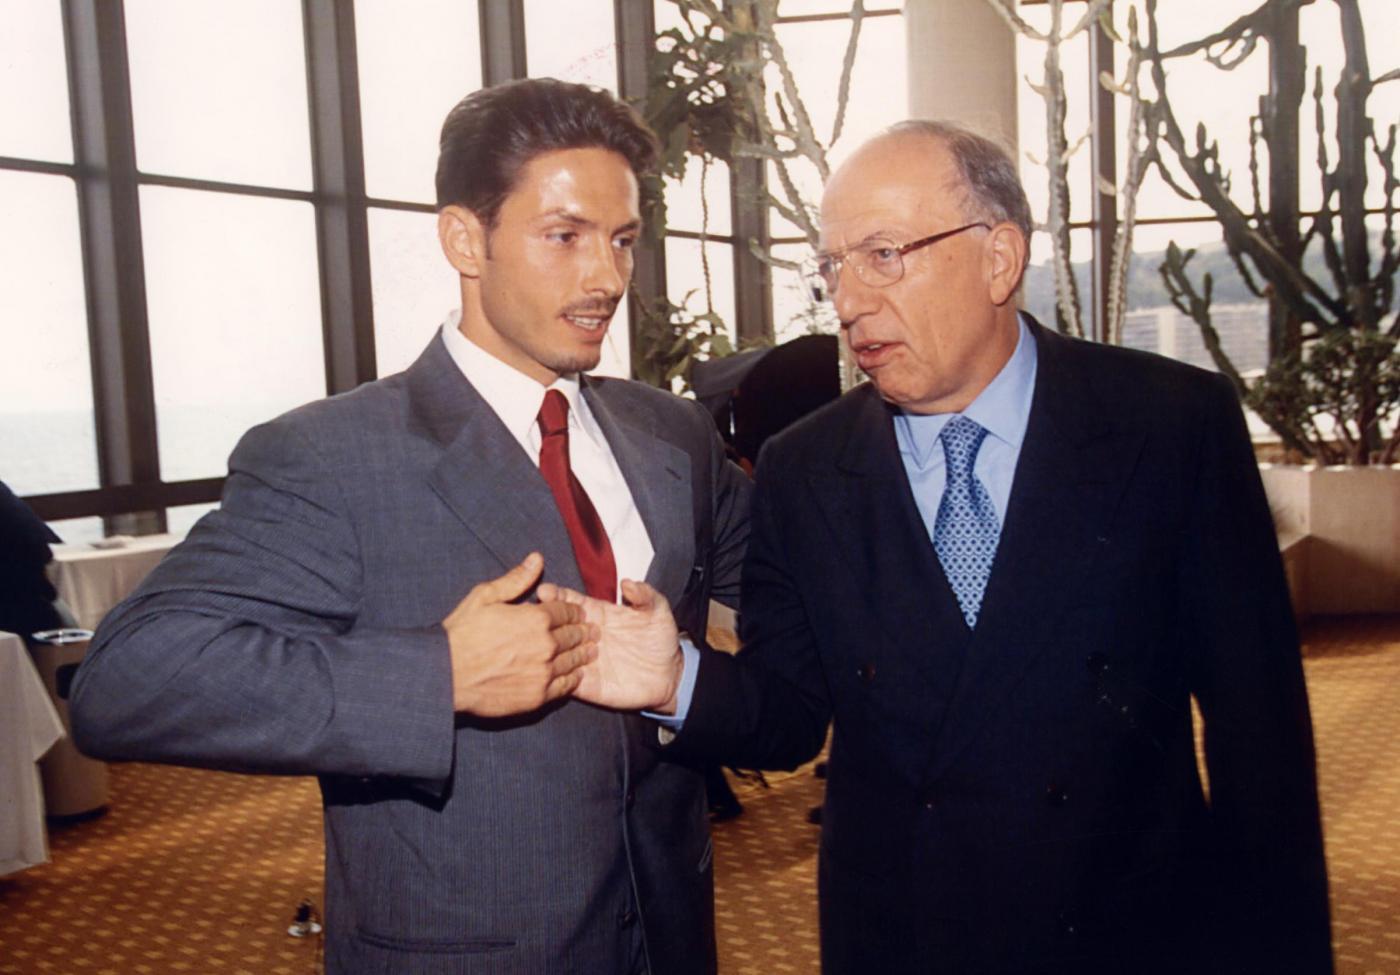 Pier Silvio Berlusconi